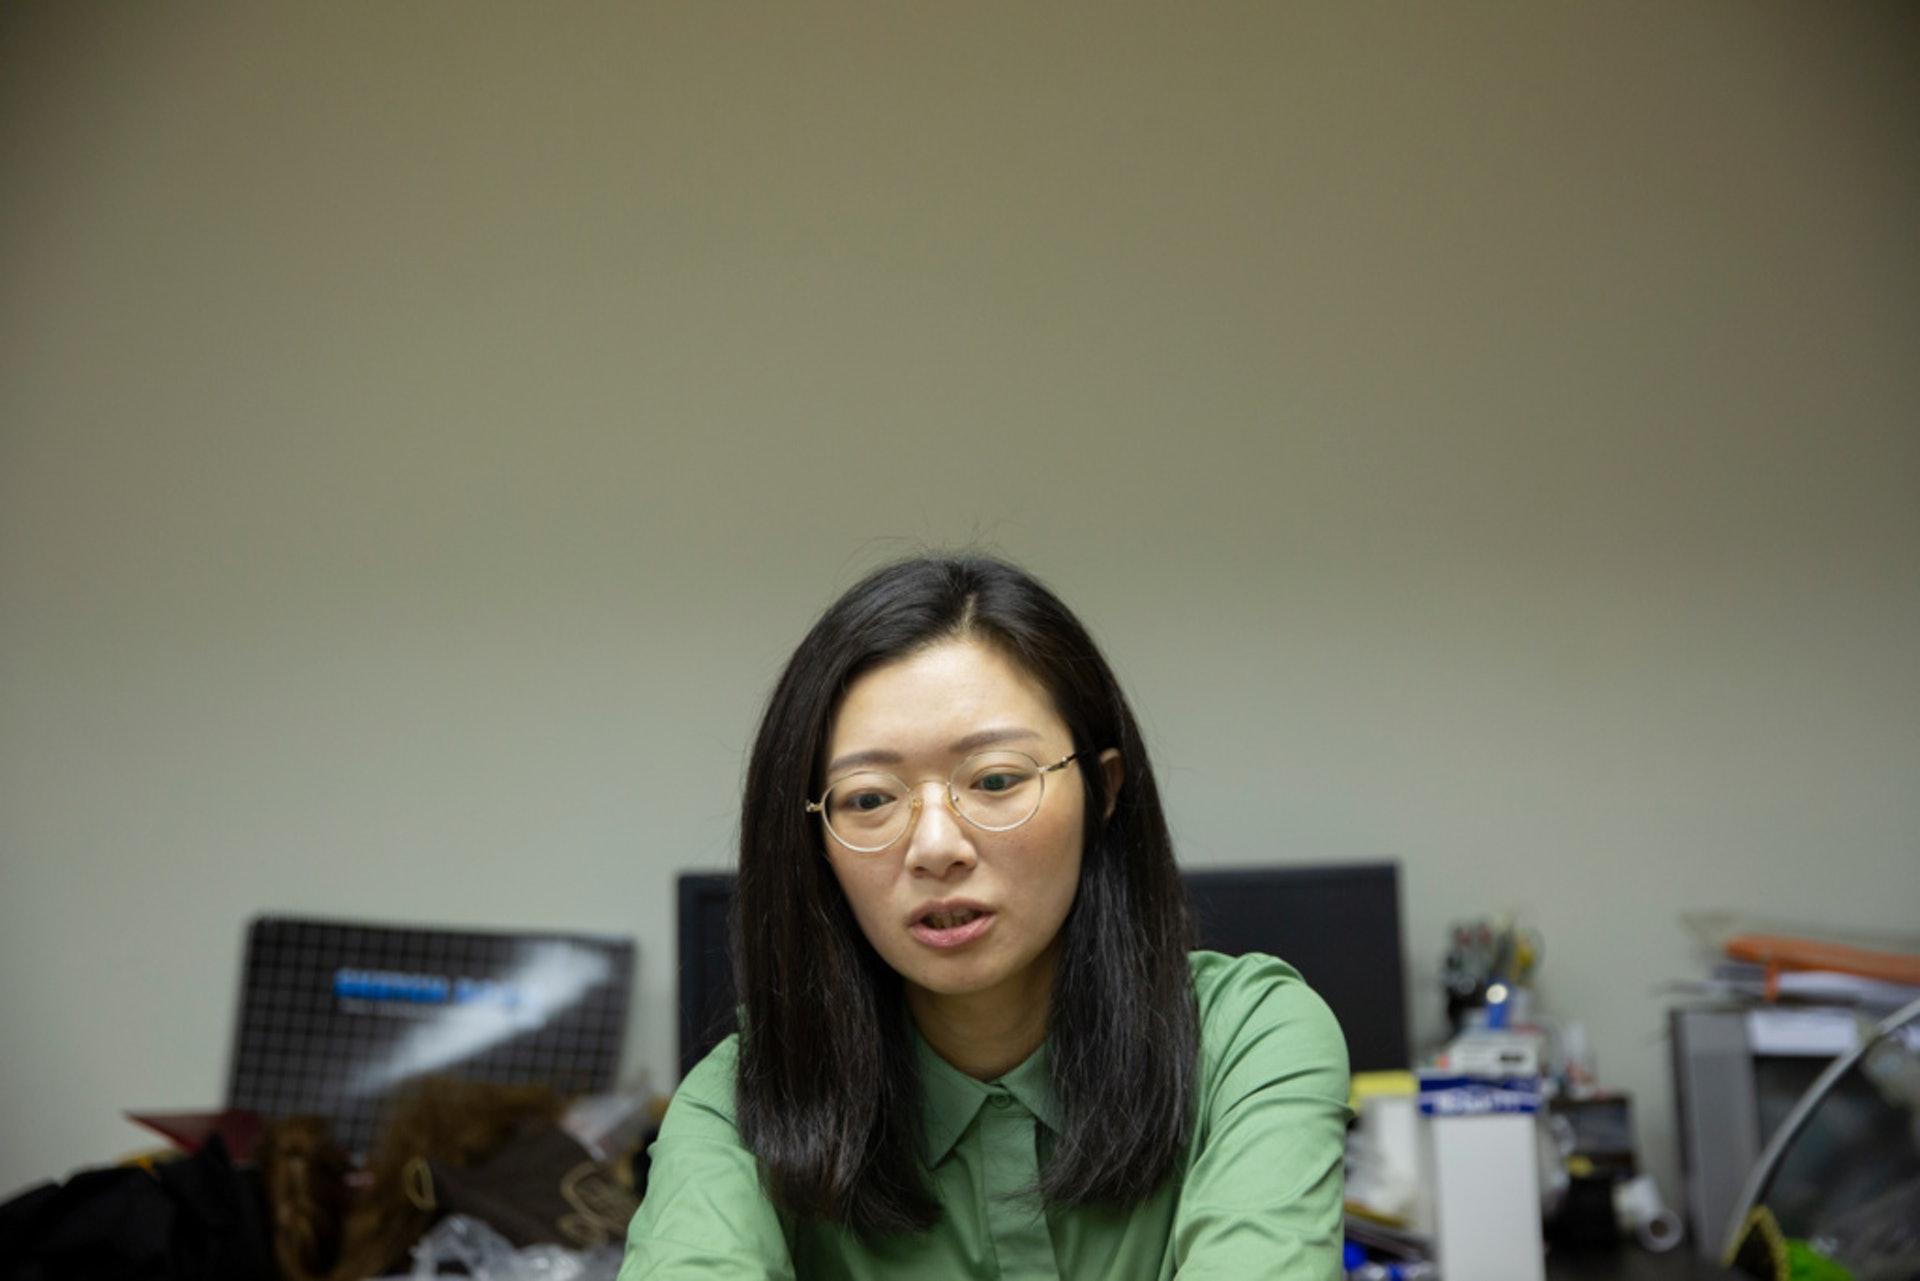 張穎淇被郭可芹「拖落水」,加入女同學社幫忙設計工作。她不時為生計煩惱,但也坦言「同運是我的生命主導」。